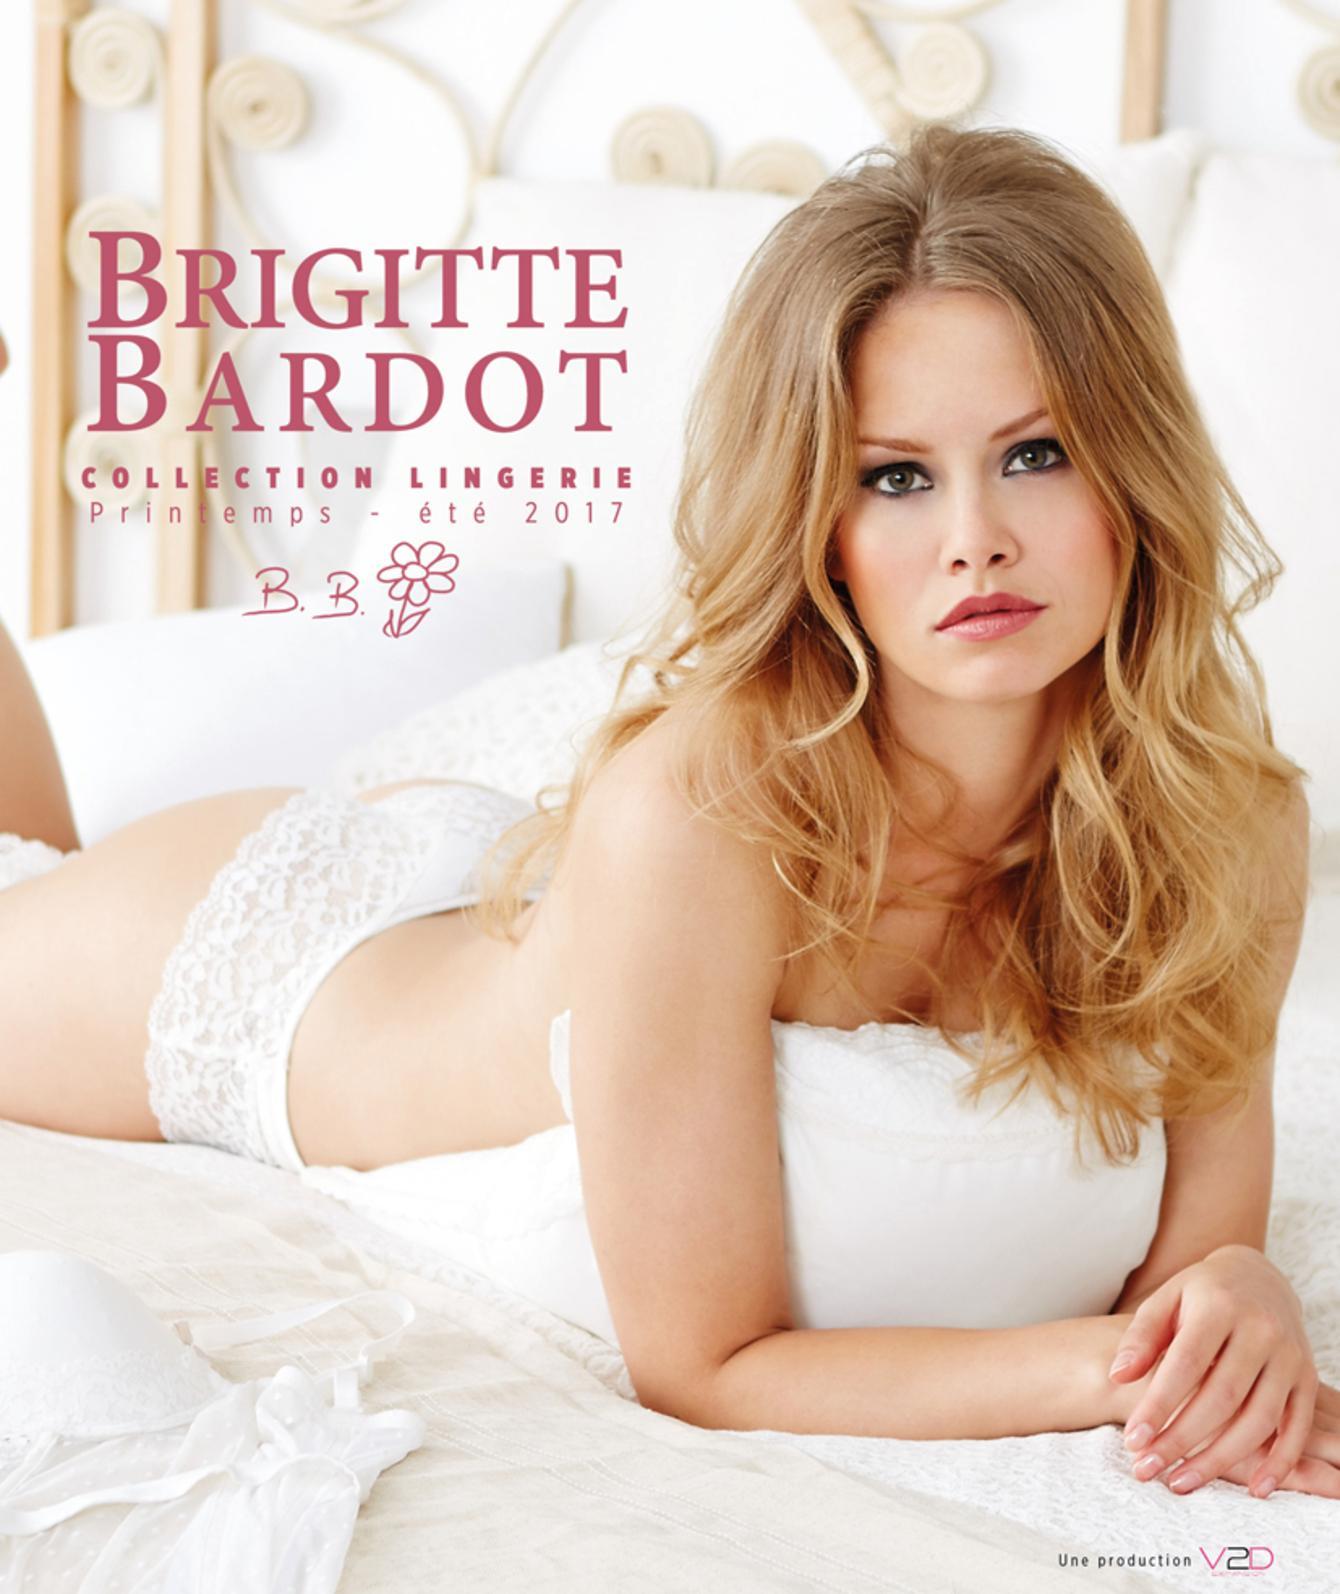 Brigitte BARDOT Lingerie Printemps Eté 2017